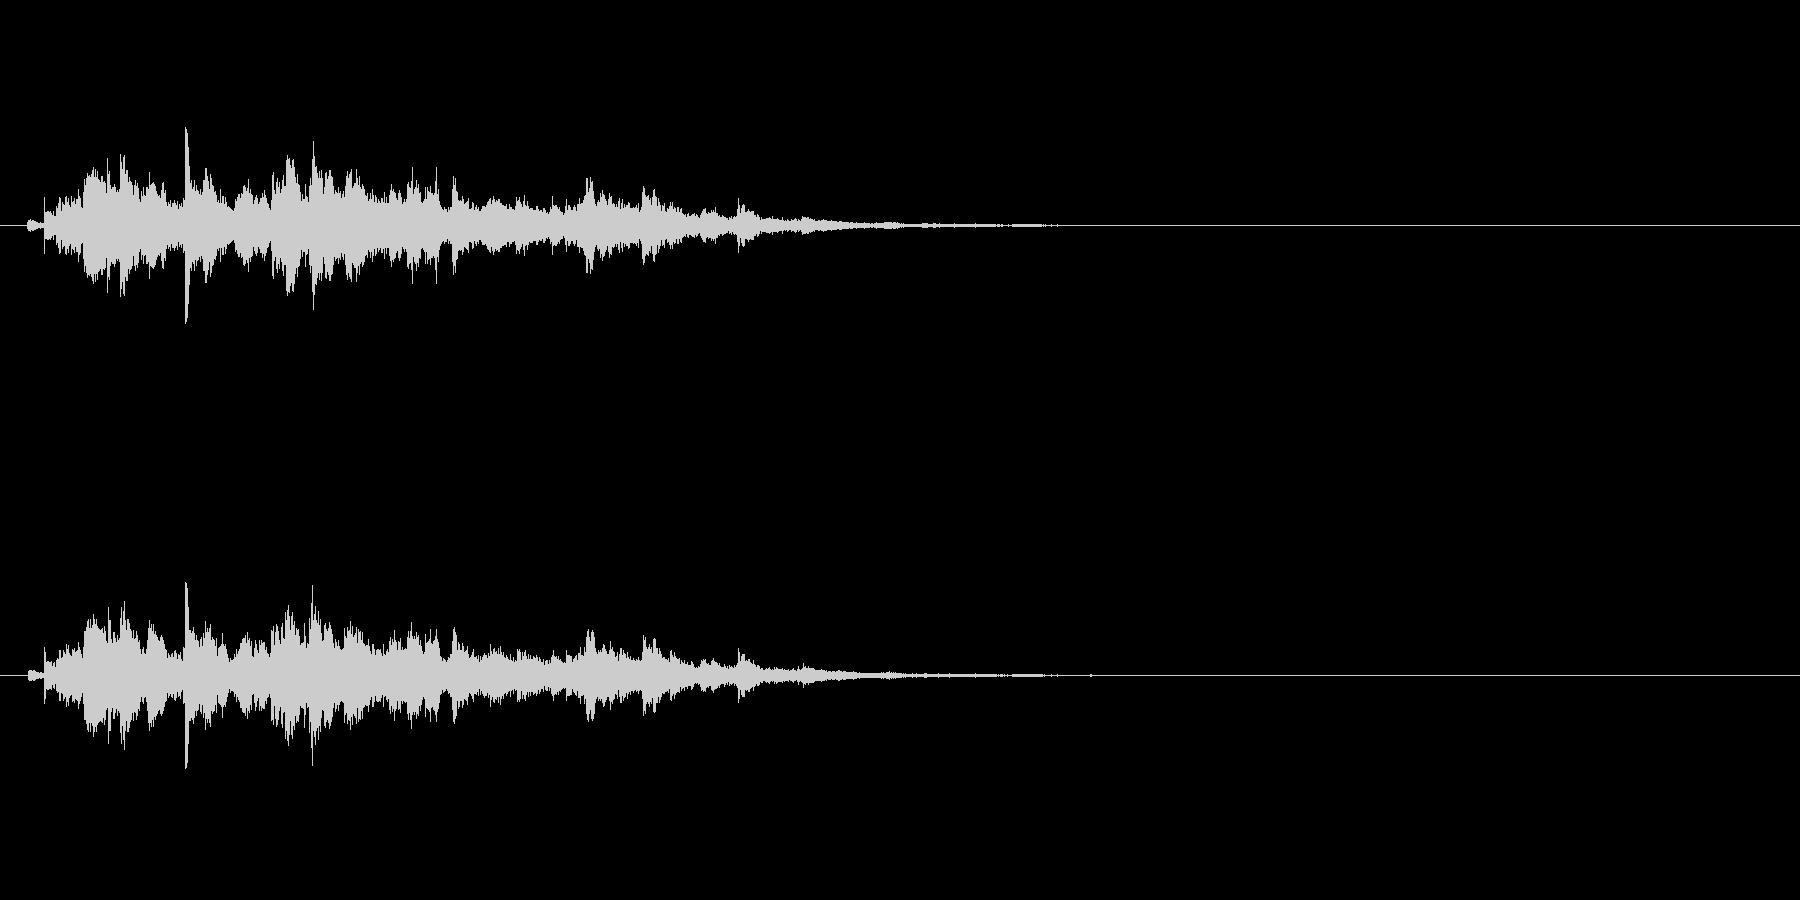 キラキラキラキラ〜/ウィンドチャイムの音の未再生の波形